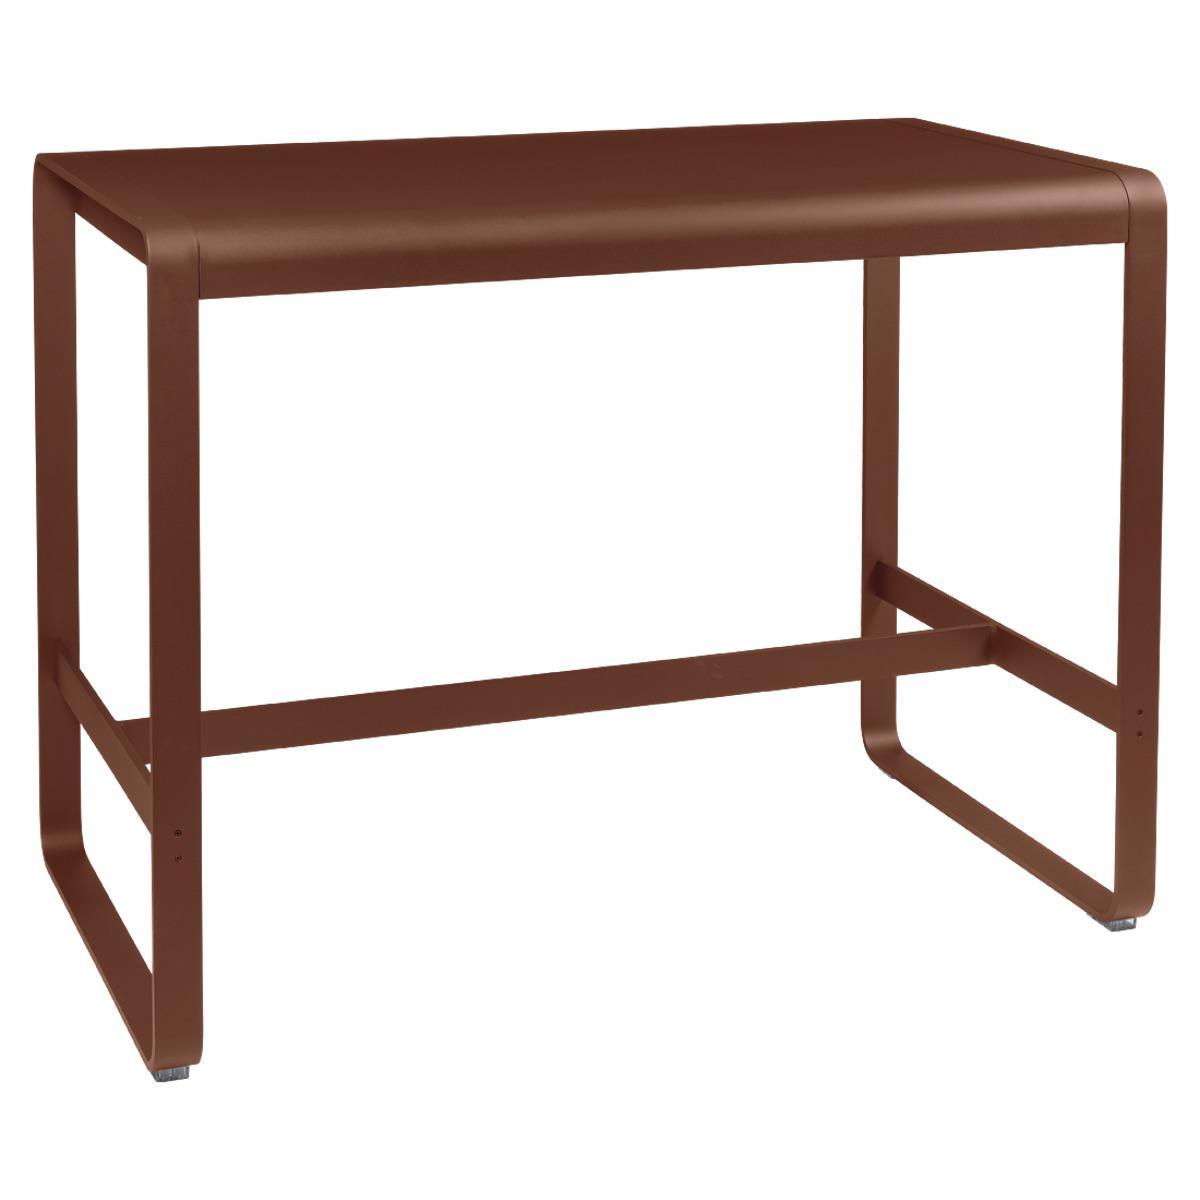 Table haute 80x140cm BELLEVIE Fermob rouge ocre